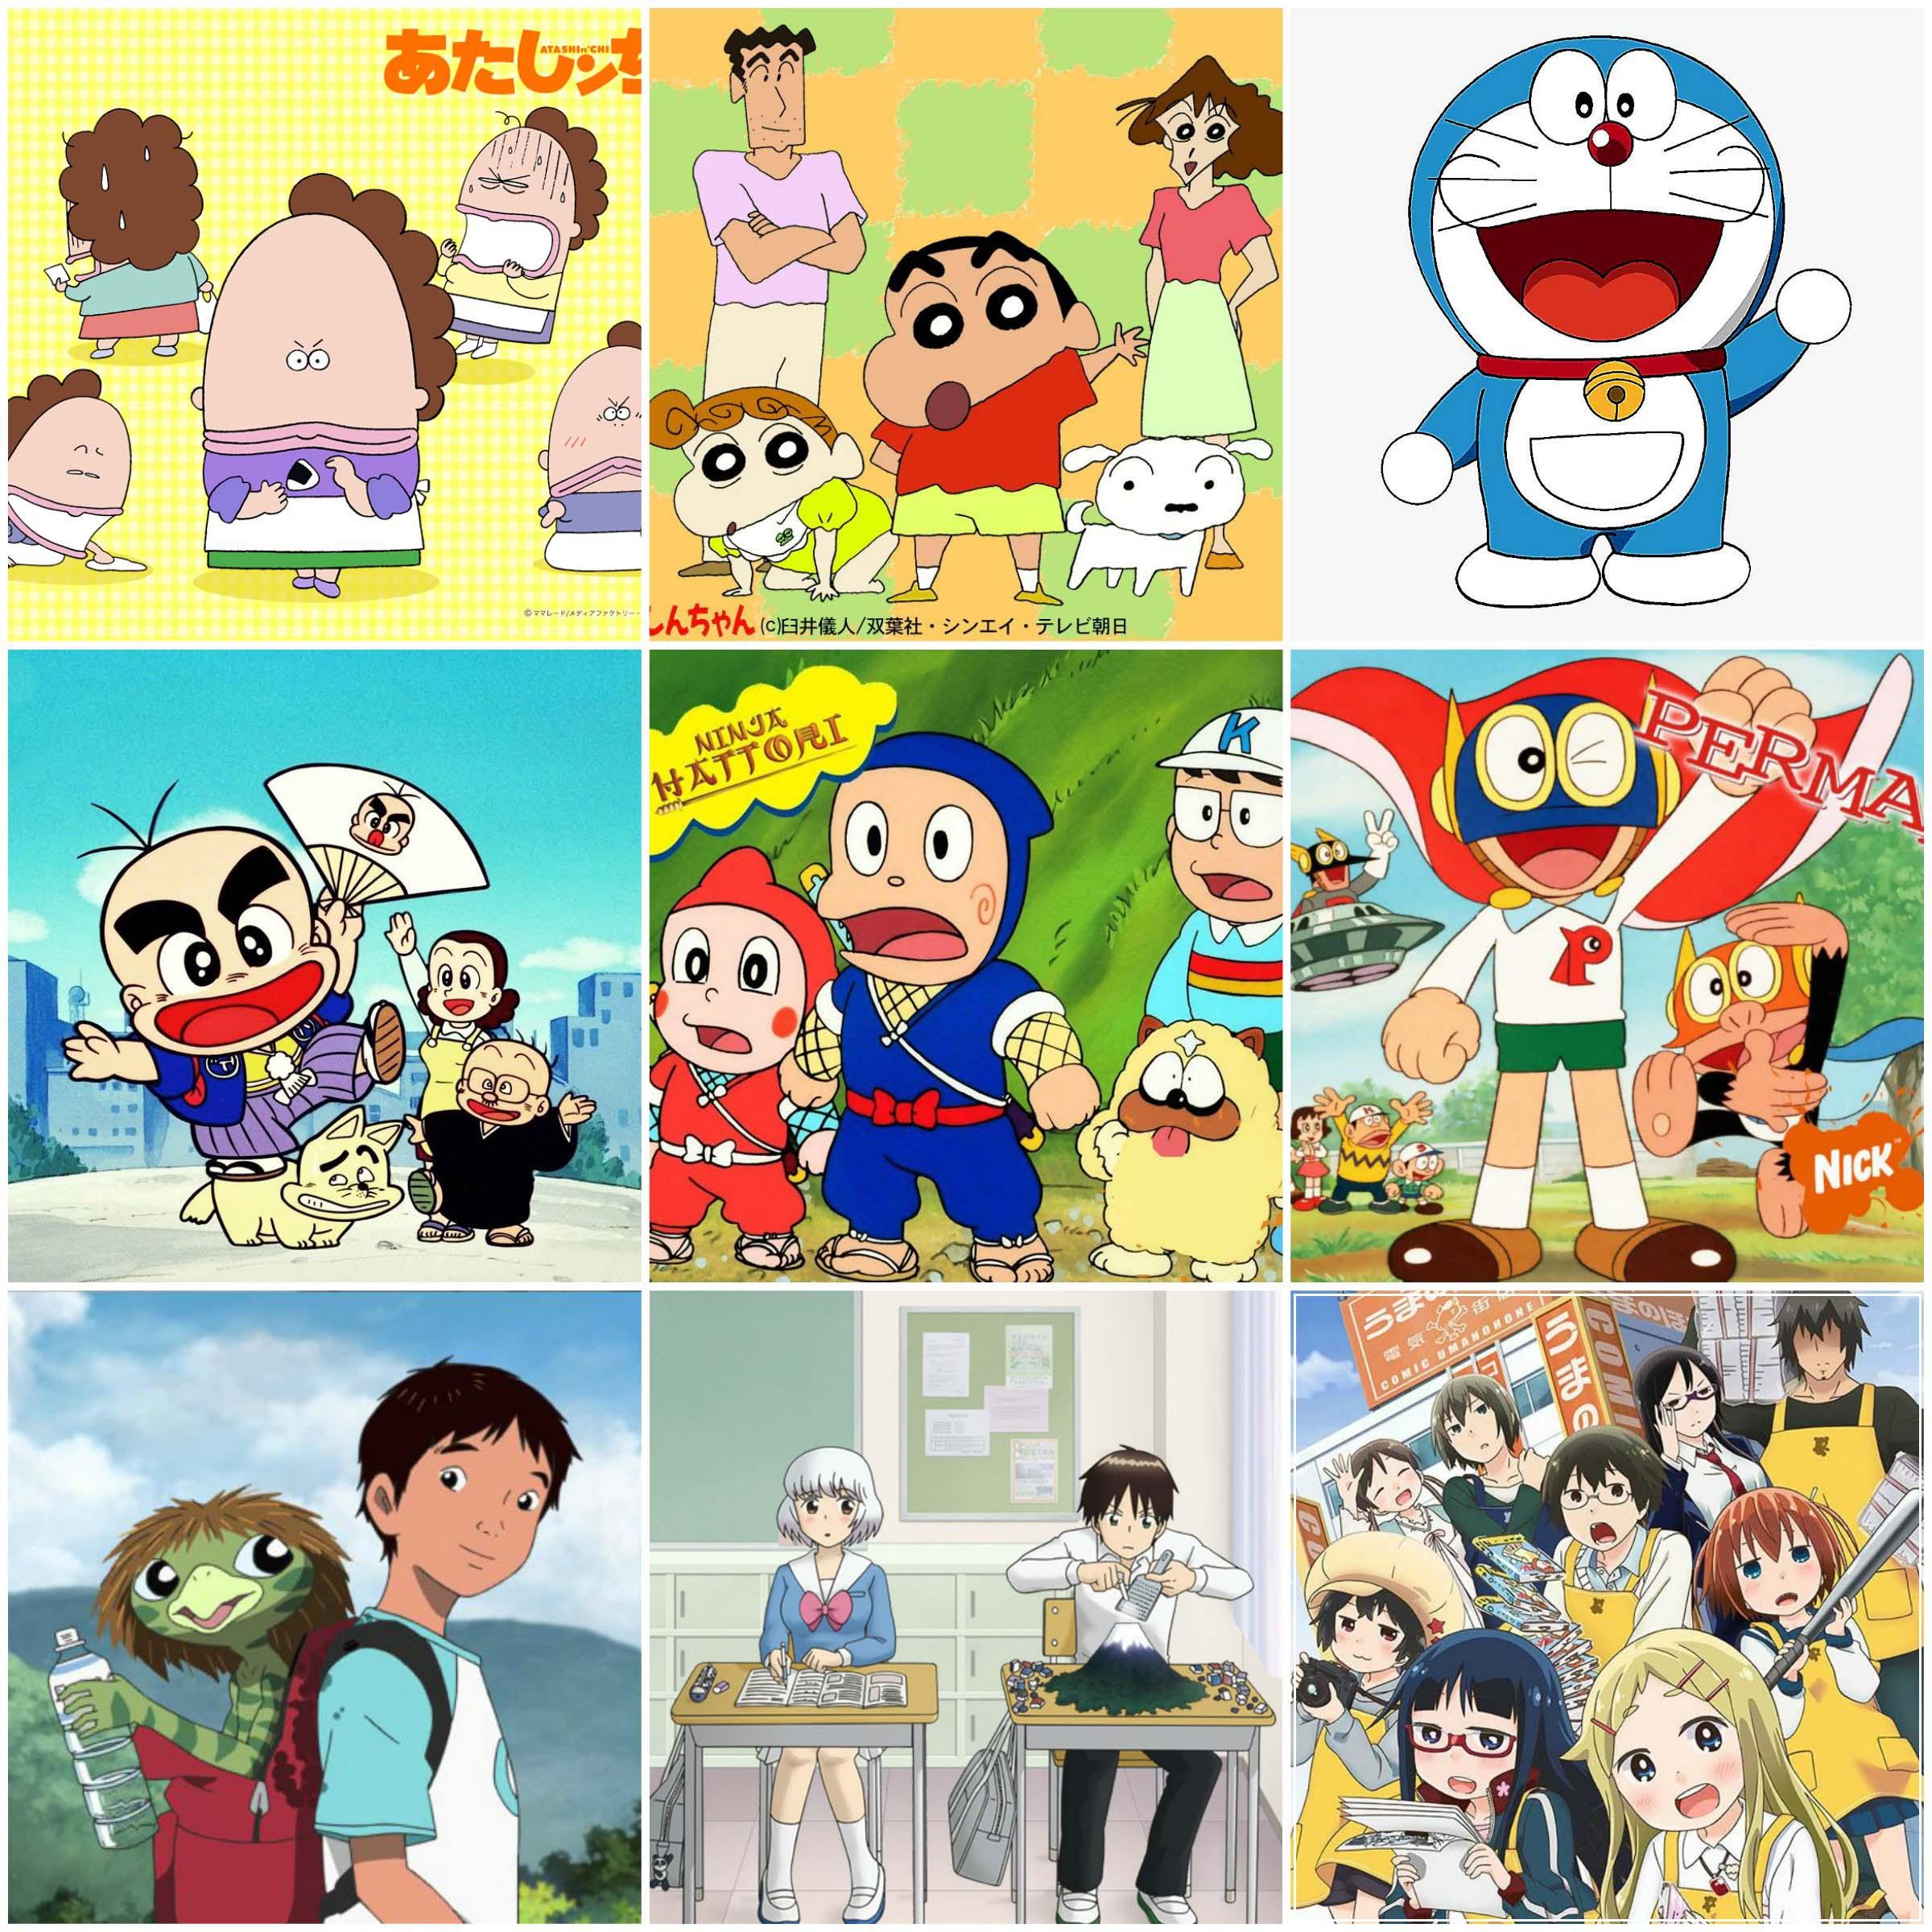 Shin-Ei Collage 3